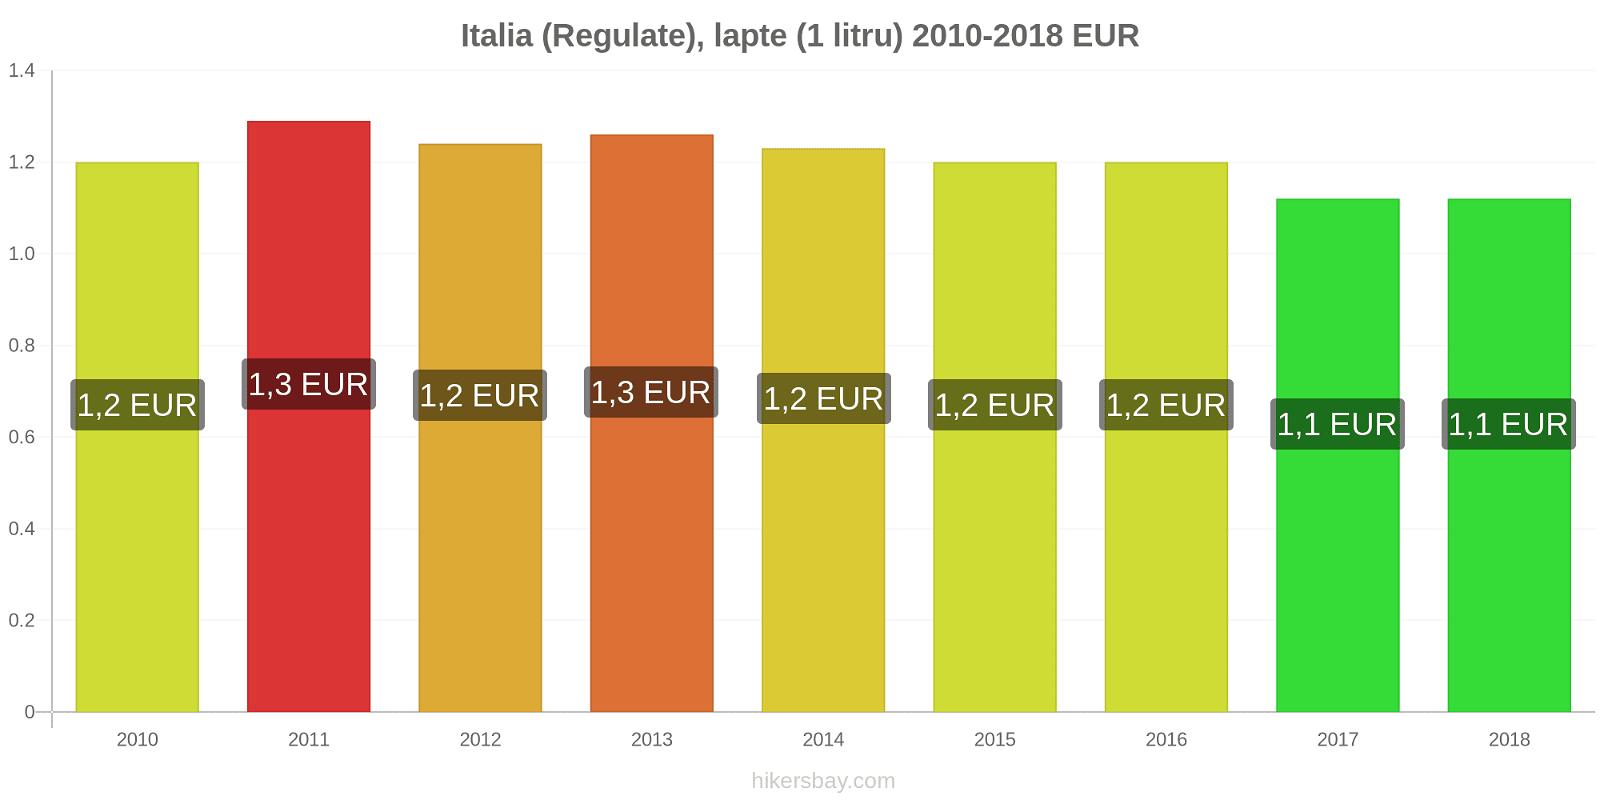 Italia modificări de preț (Regulate), lapte (1 litru) hikersbay.com